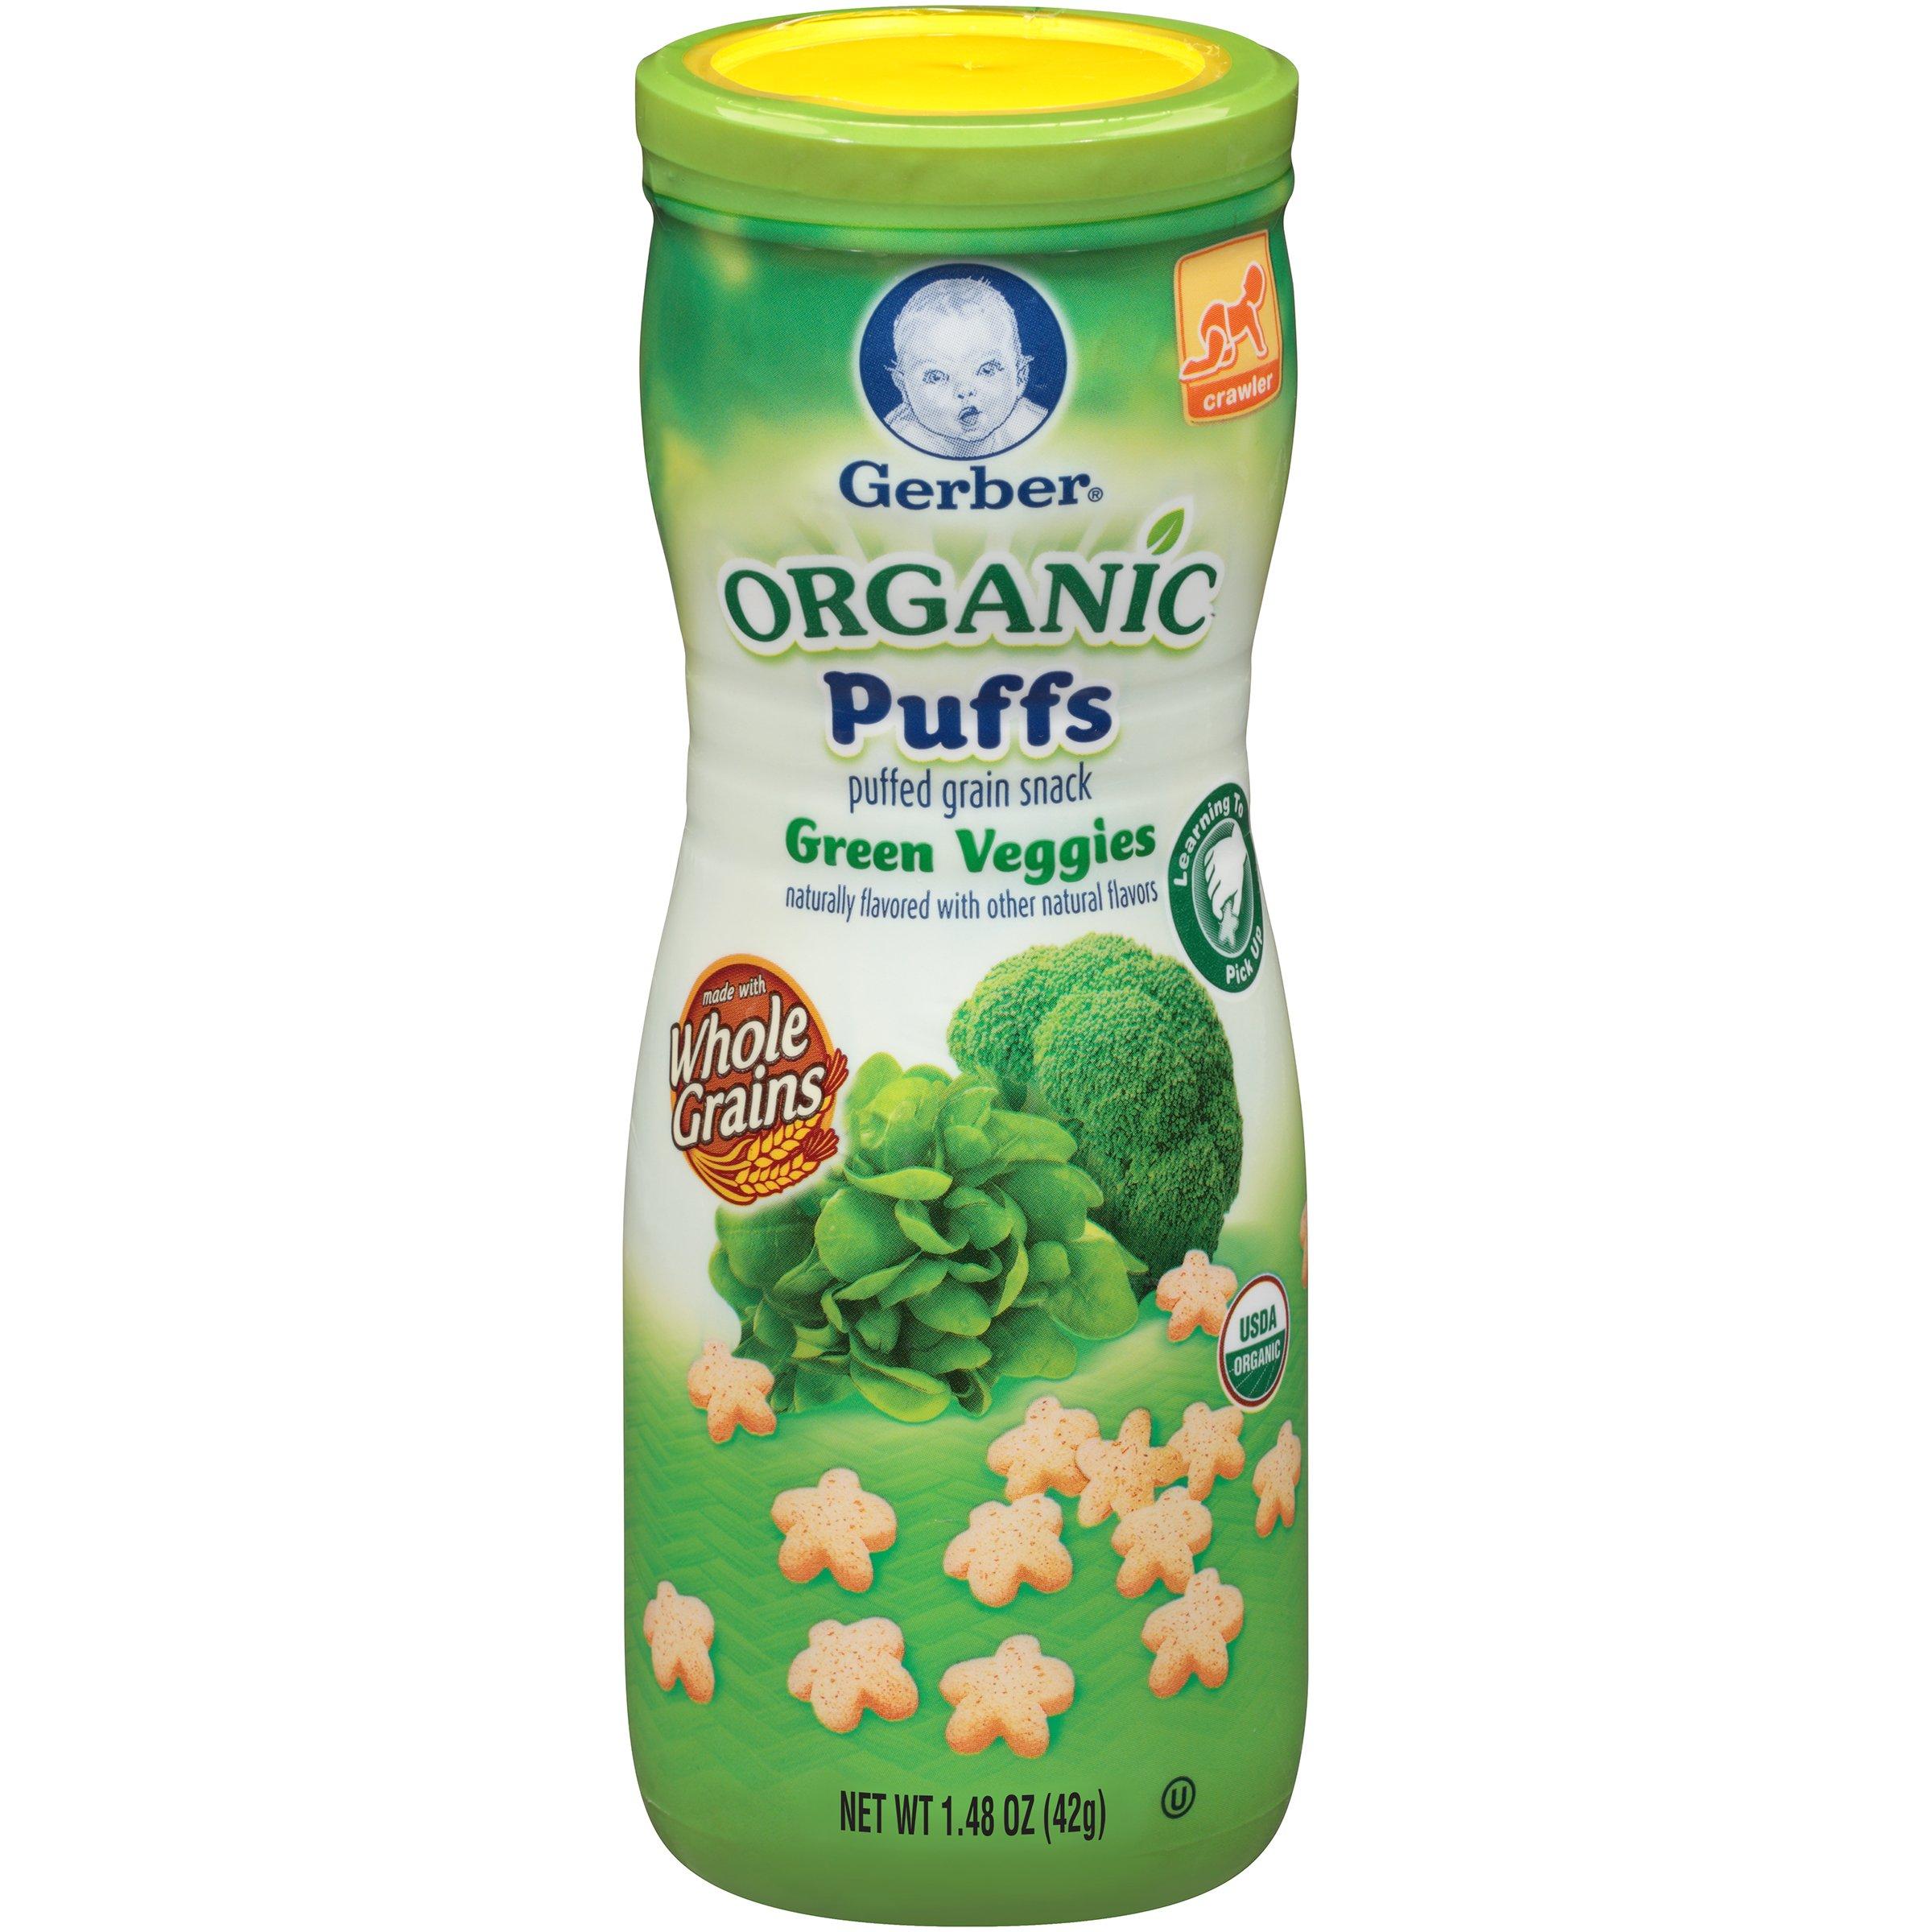 Gerber Organic Puffs, Green Veggies, 1.48 oz